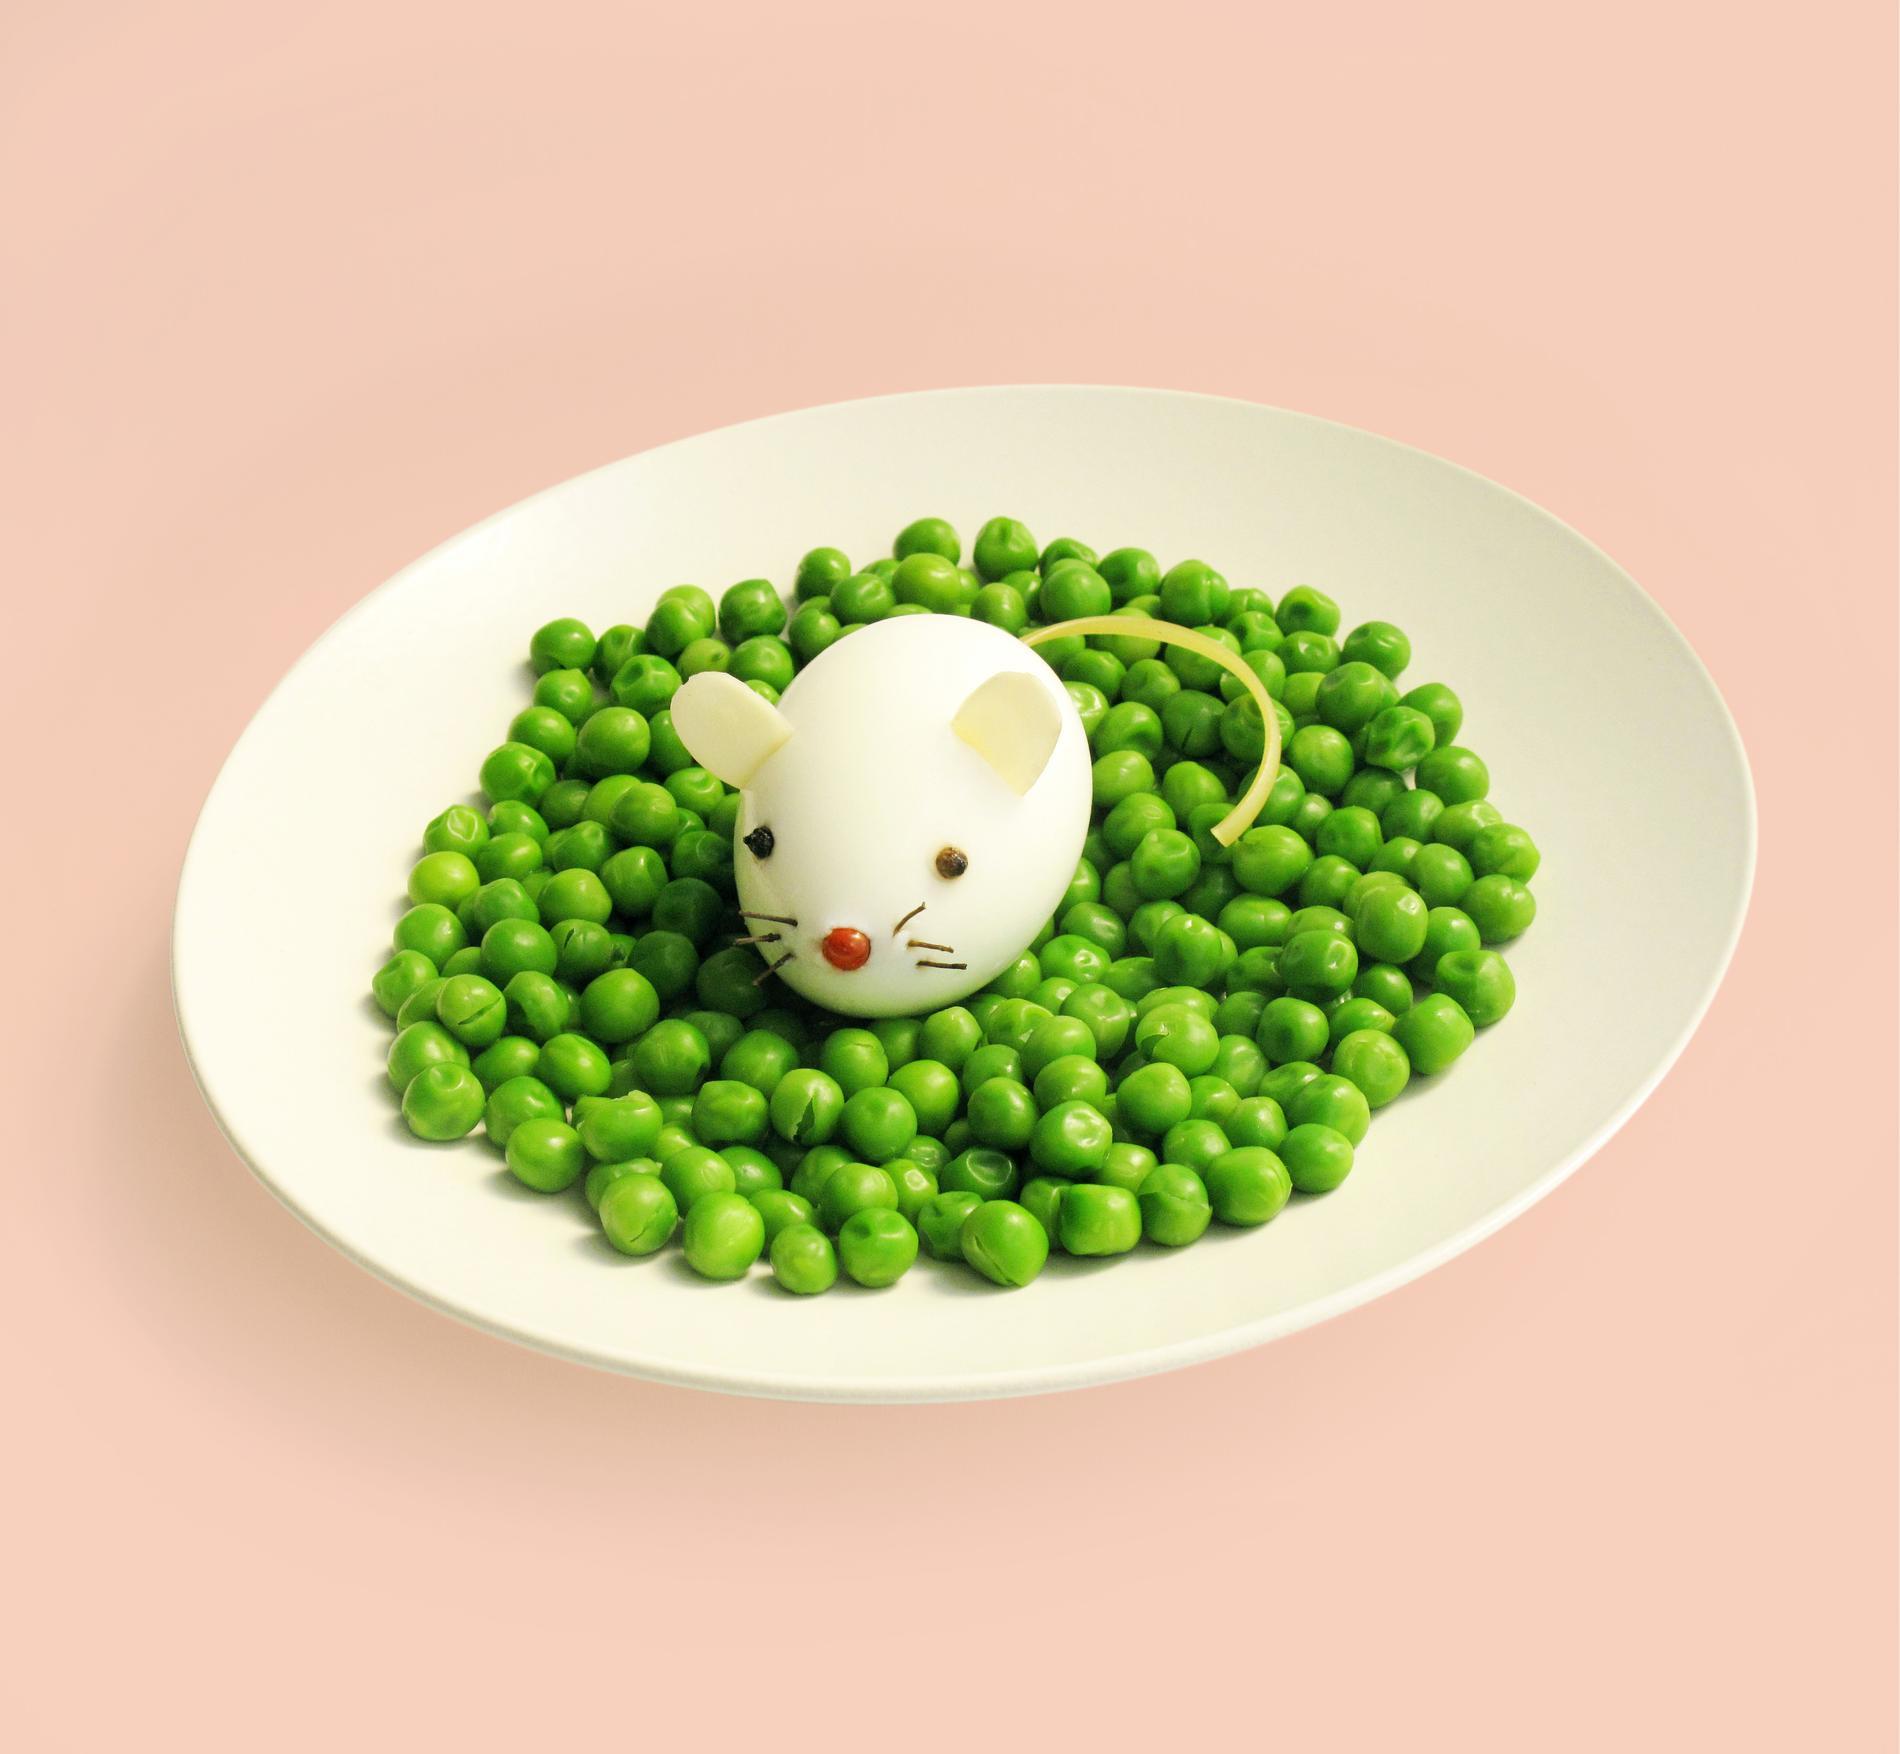 Les astuces culinaires pour duper les enfants et leur faire - Recette legume pour enfant ...